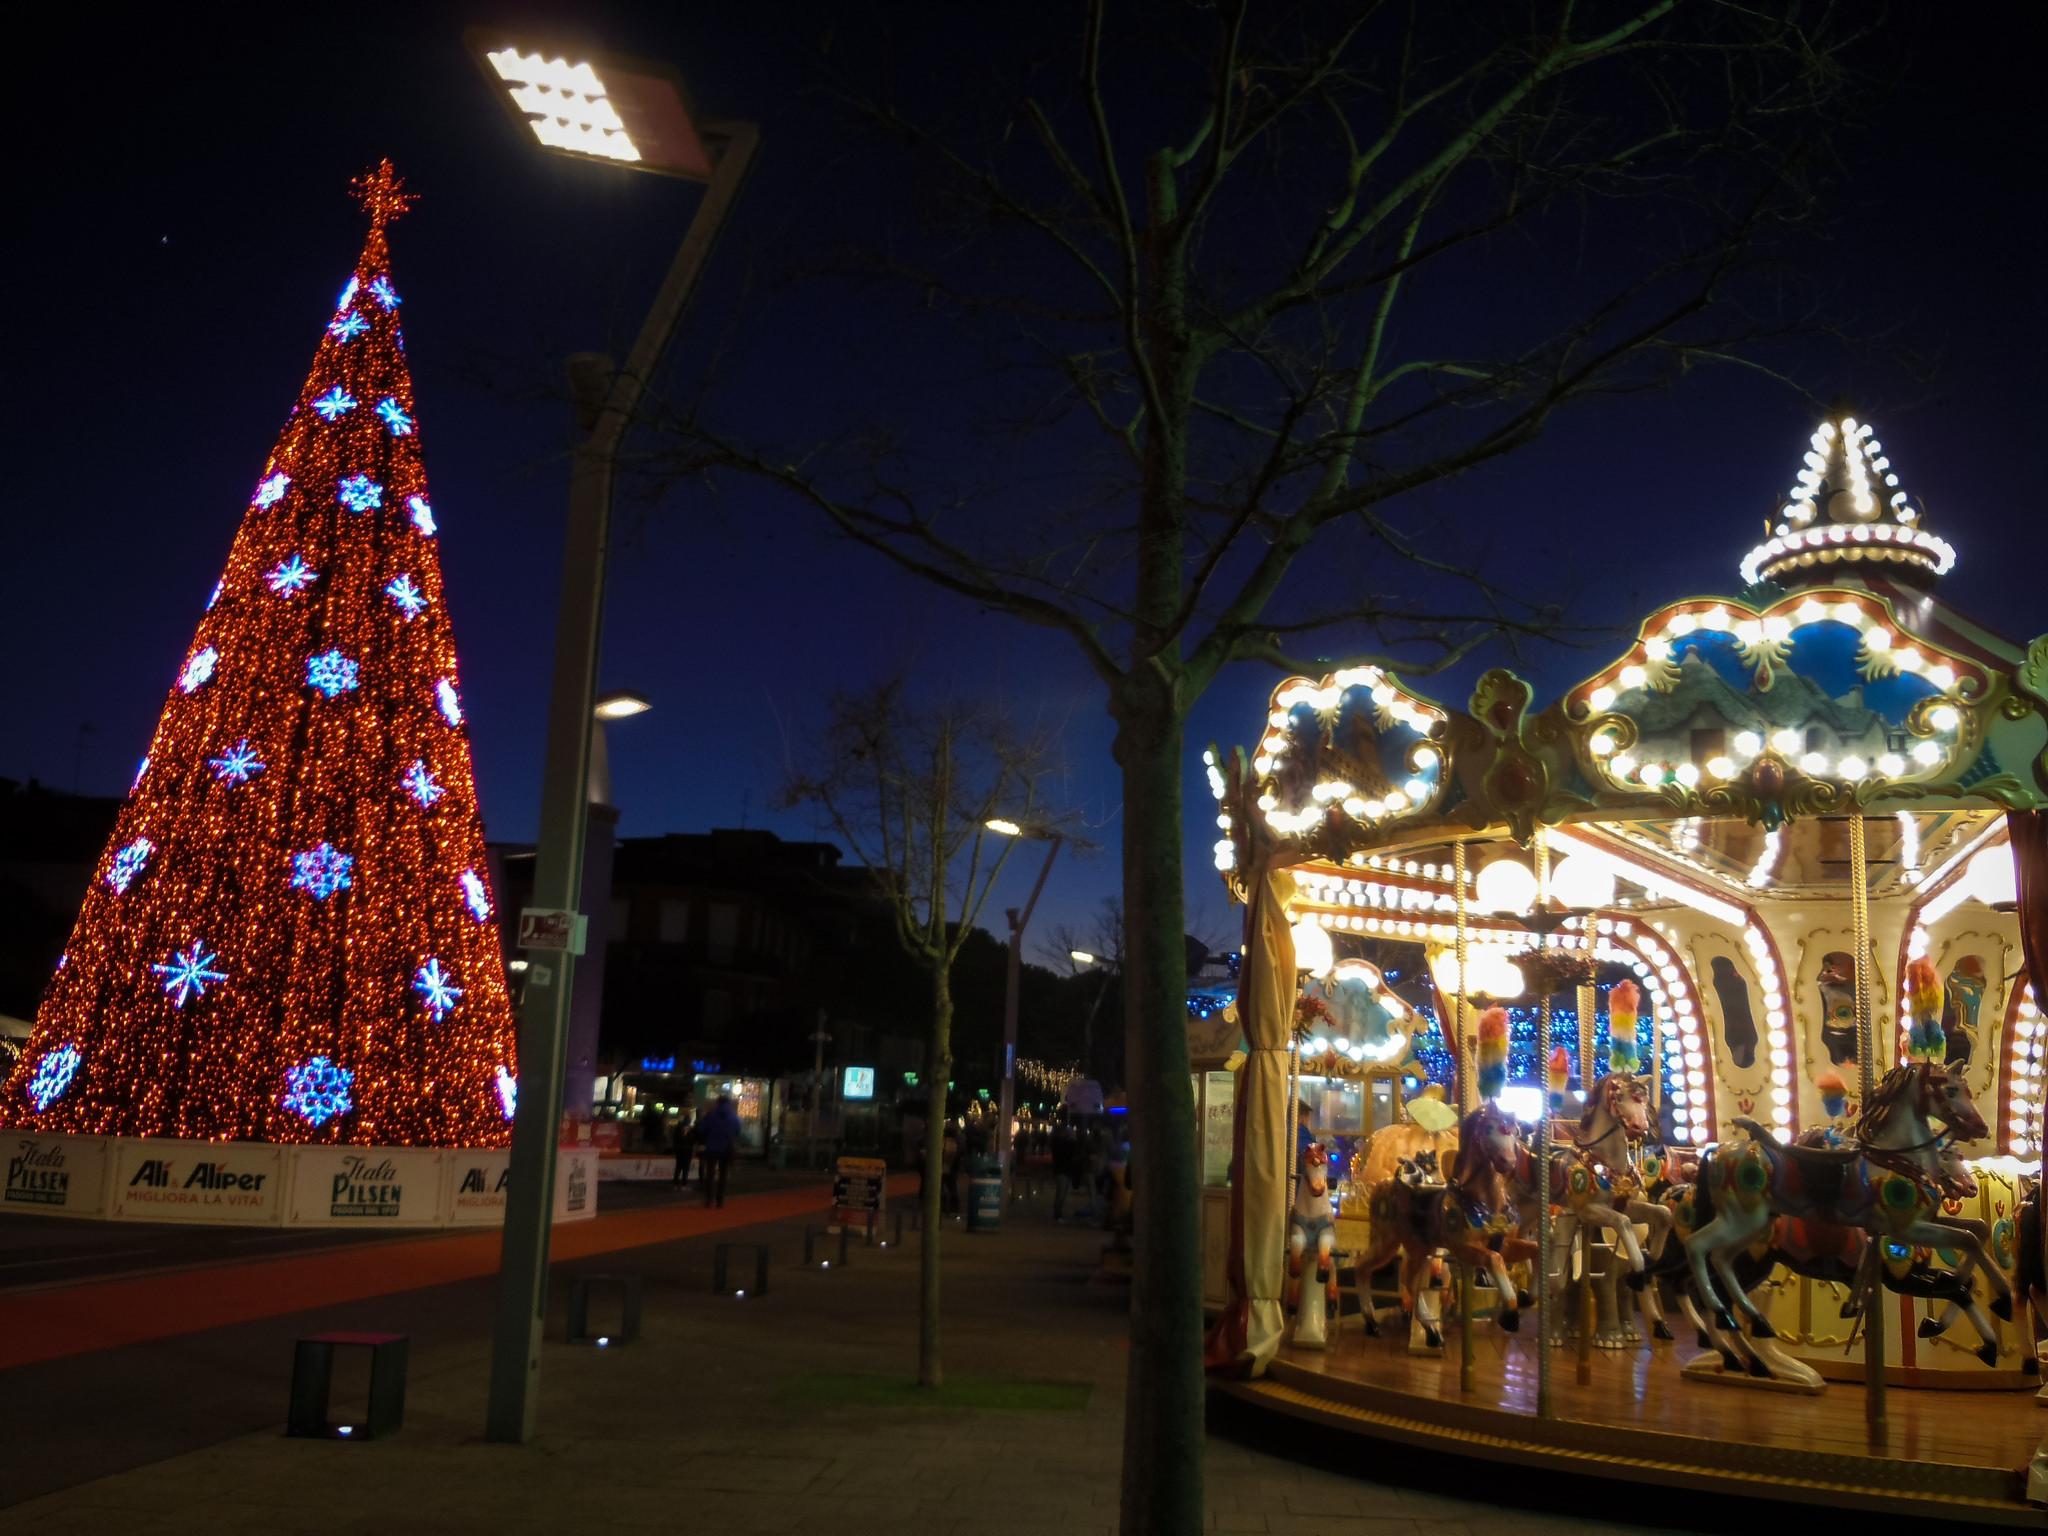 Jesolo Christmas Village, il mercatino di Natale più grande del Veneto: settanta casette in legno bianche, una lunga moquette rossa e mare tutto intorno.